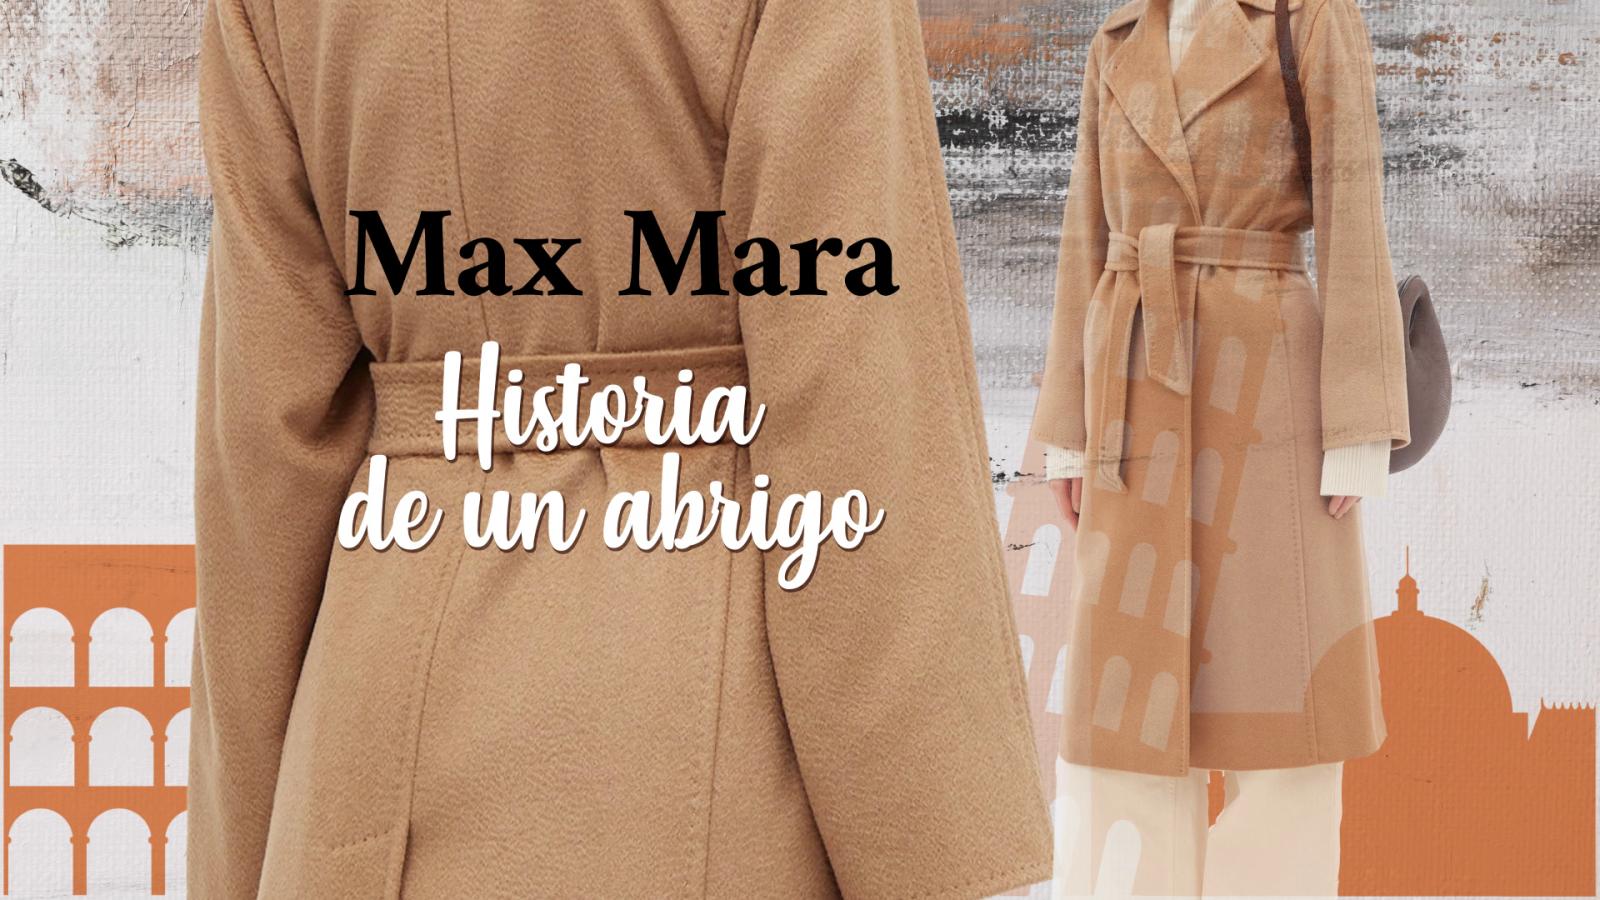 Flash Moda Monográficos - Max Mara, historia de un abrigo - Ver ahora